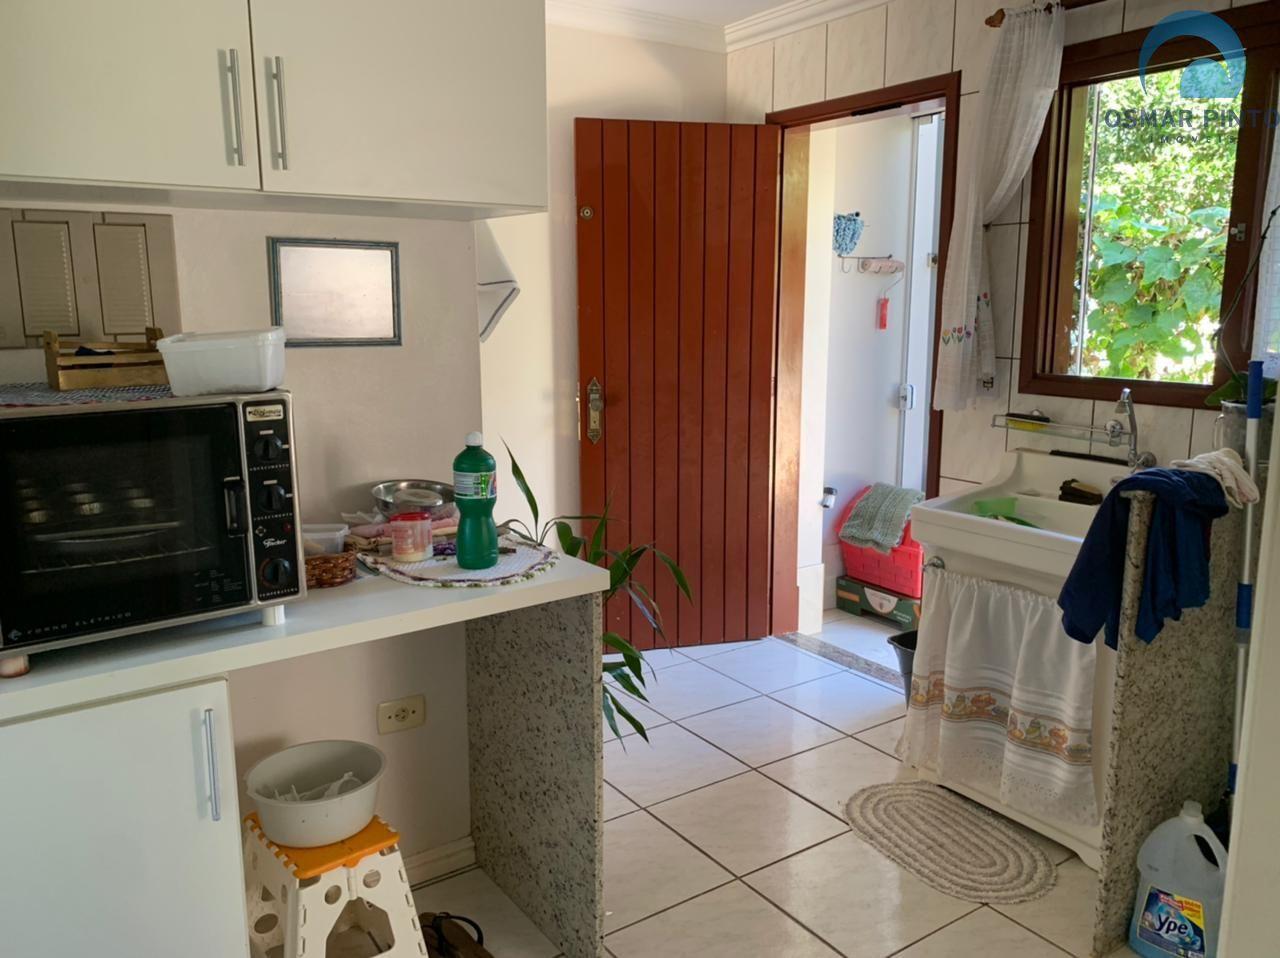 Casa 5 dormitórios em Torres, no bairro Centenário